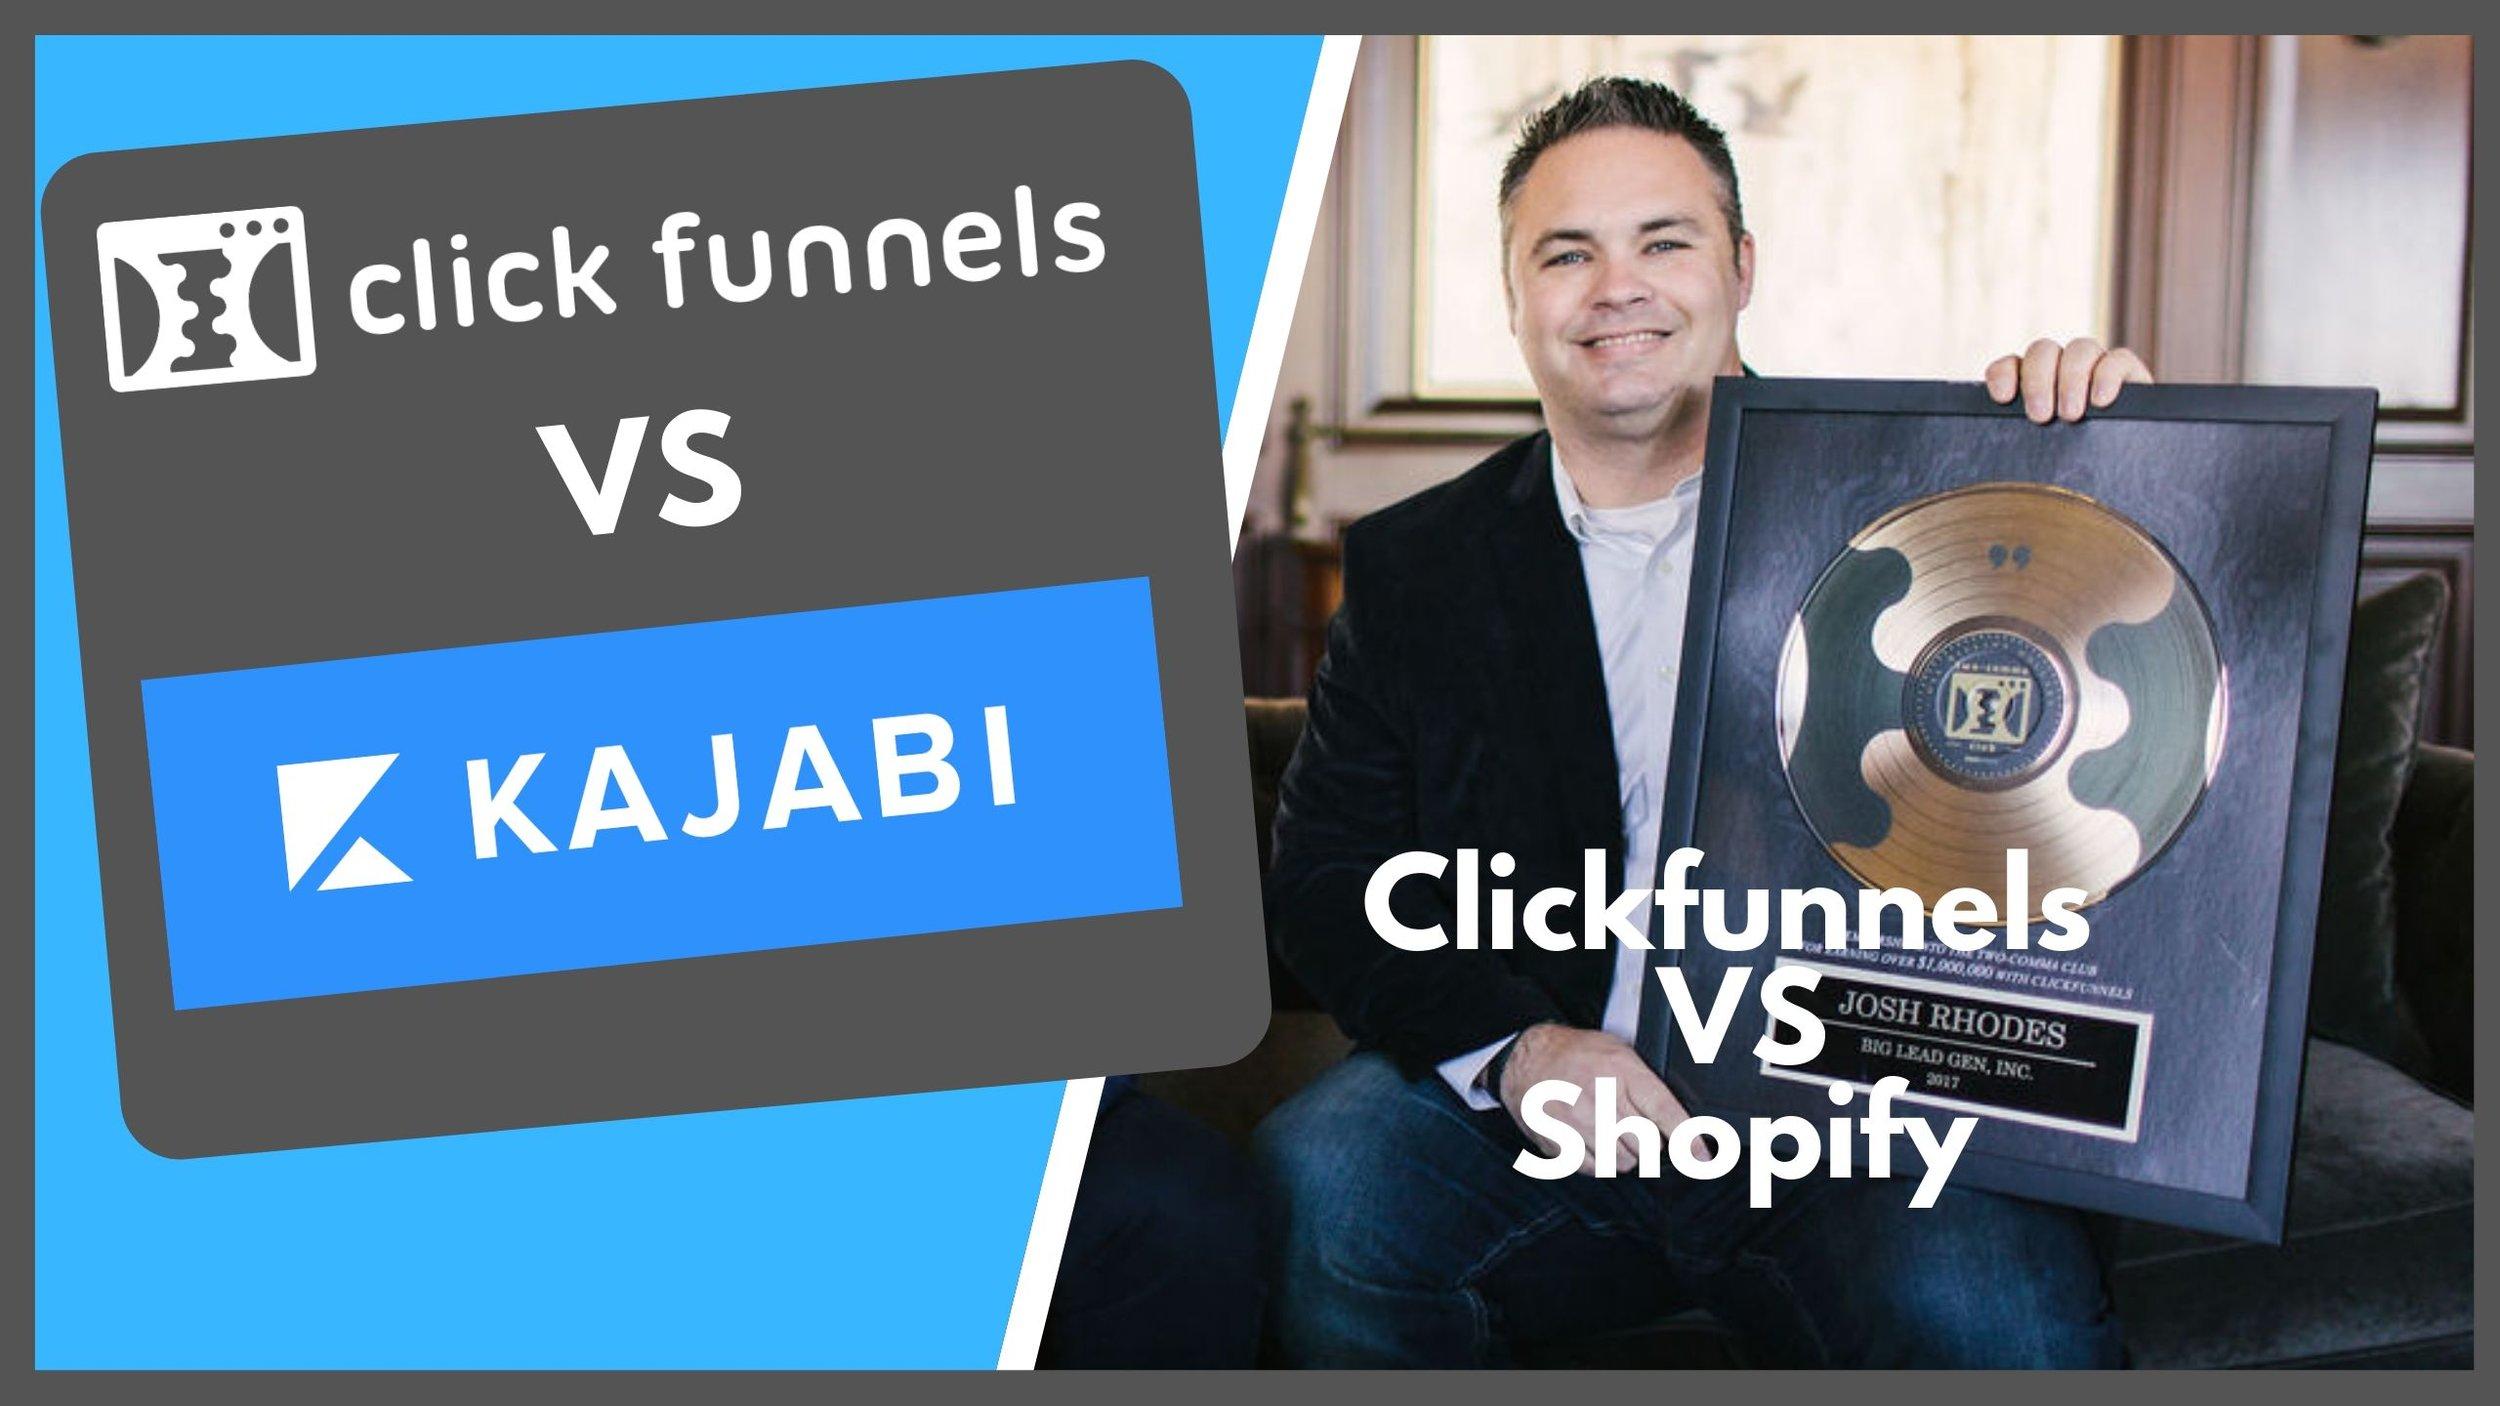 clickfunnels-vs-kajabi-cover.jpg